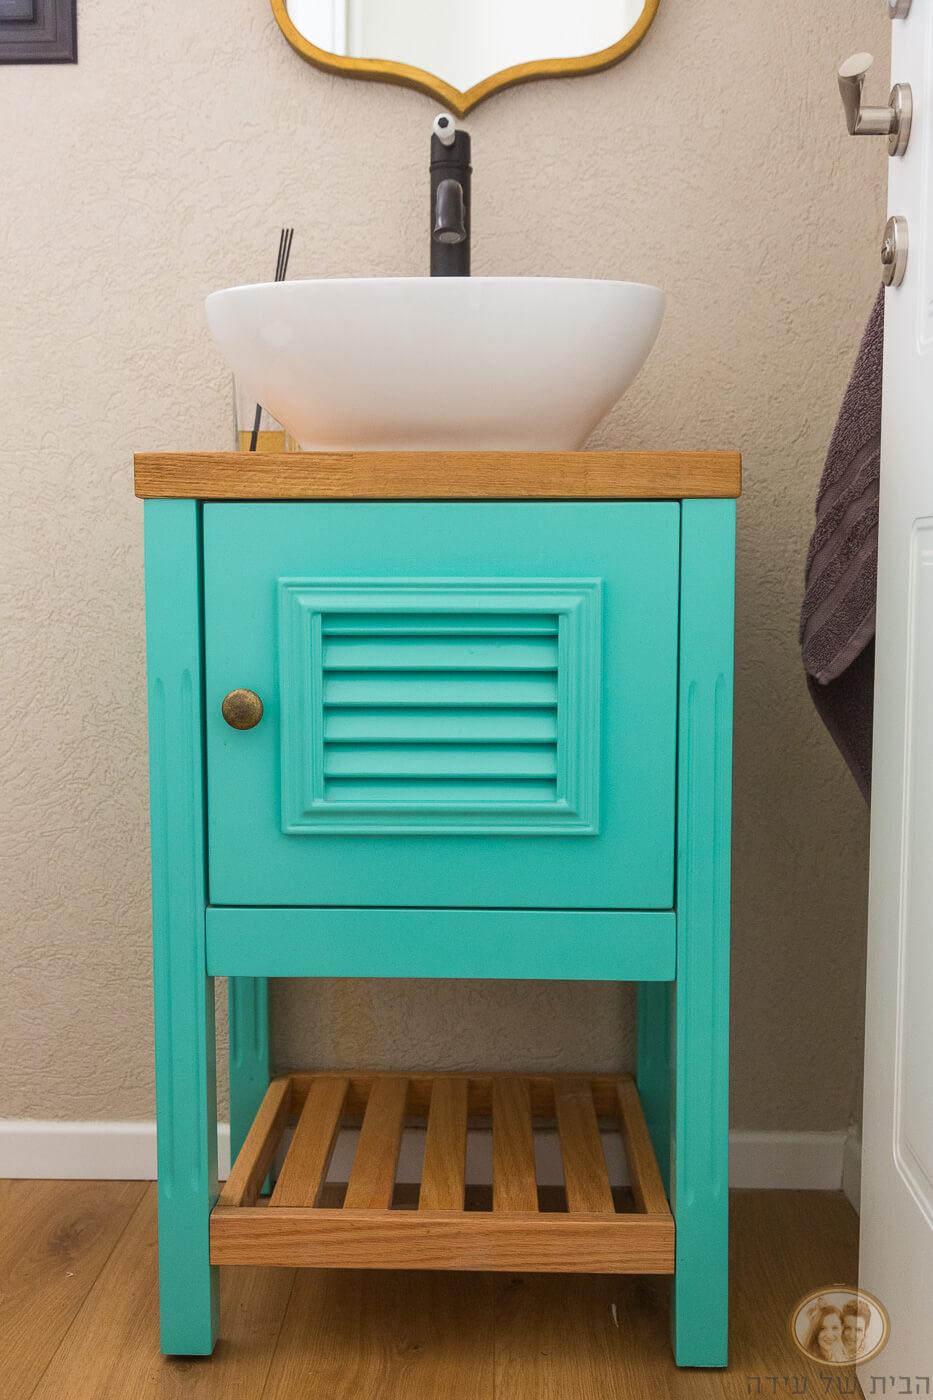 ארון אמבטיה צבעוני עם מדף מעץ